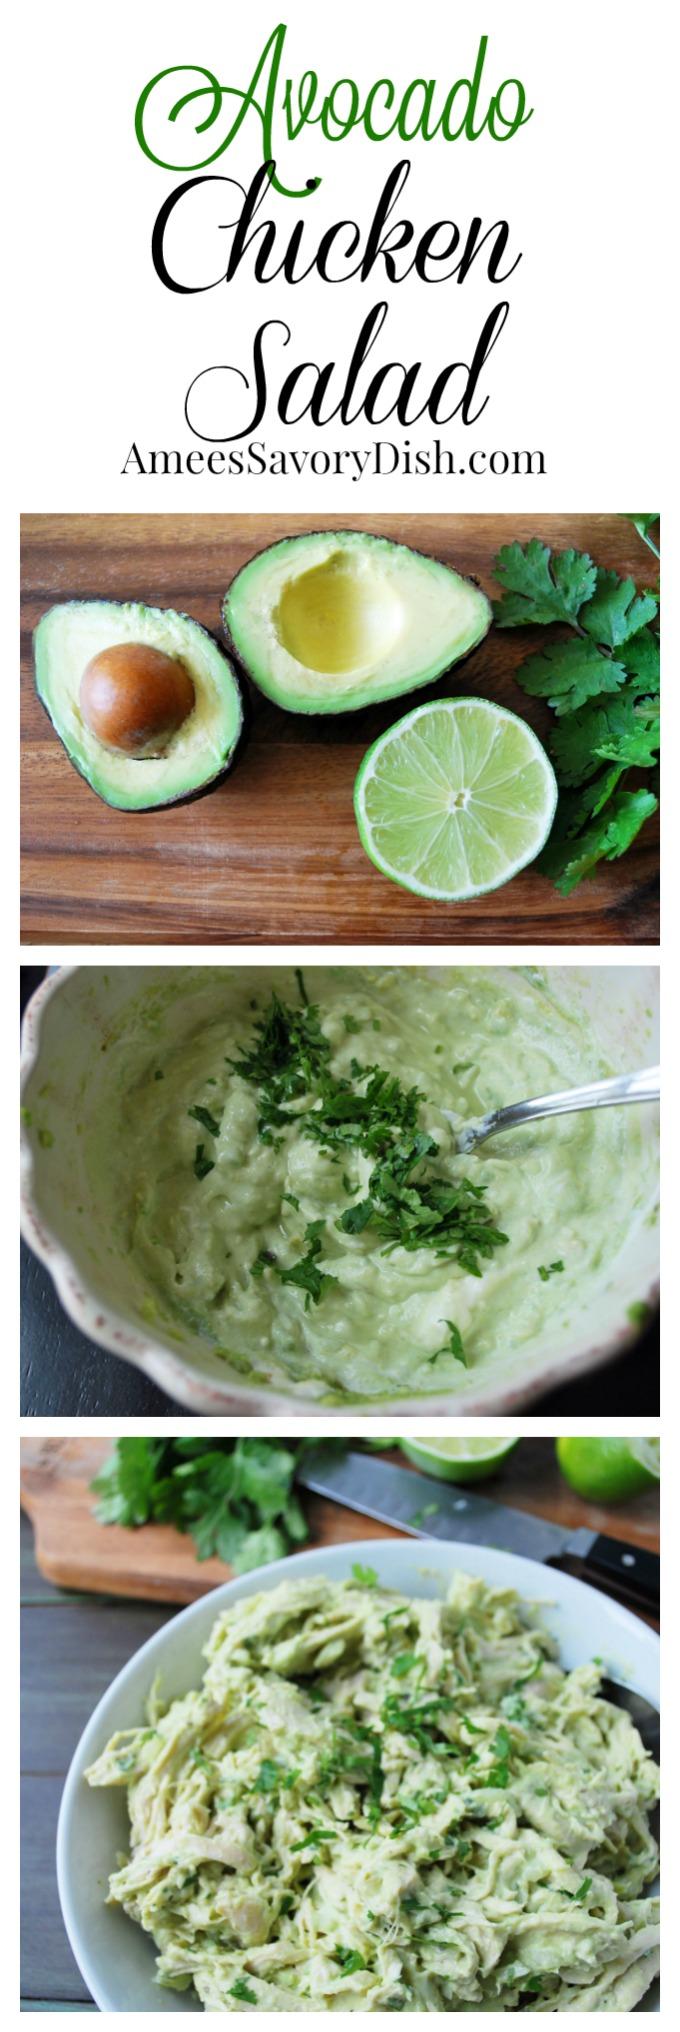 Avocado Chicken Salad Collage